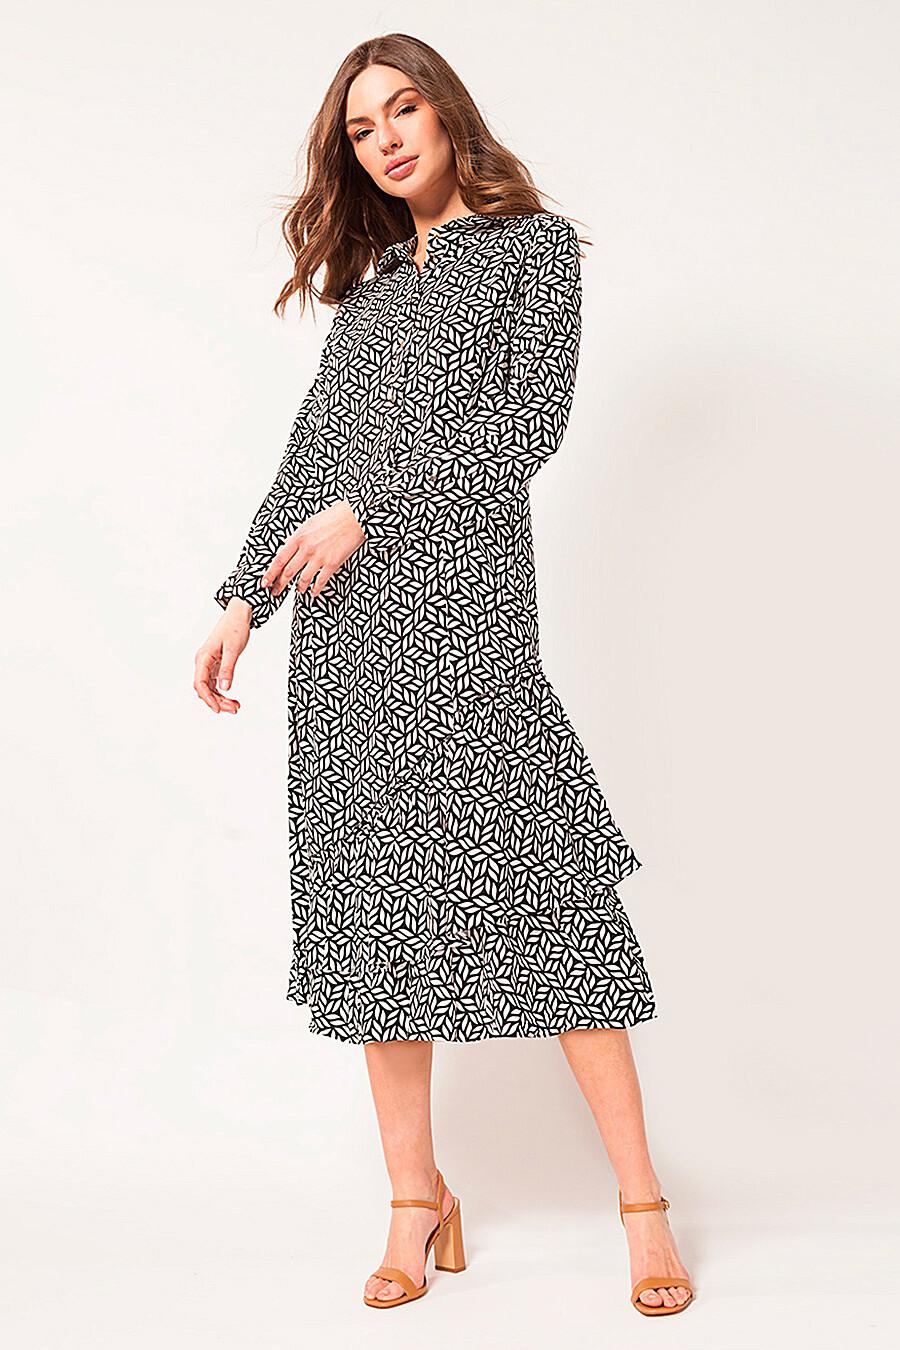 Платье для женщин VILATTE 334890 купить оптом от производителя. Совместная покупка женской одежды в OptMoyo